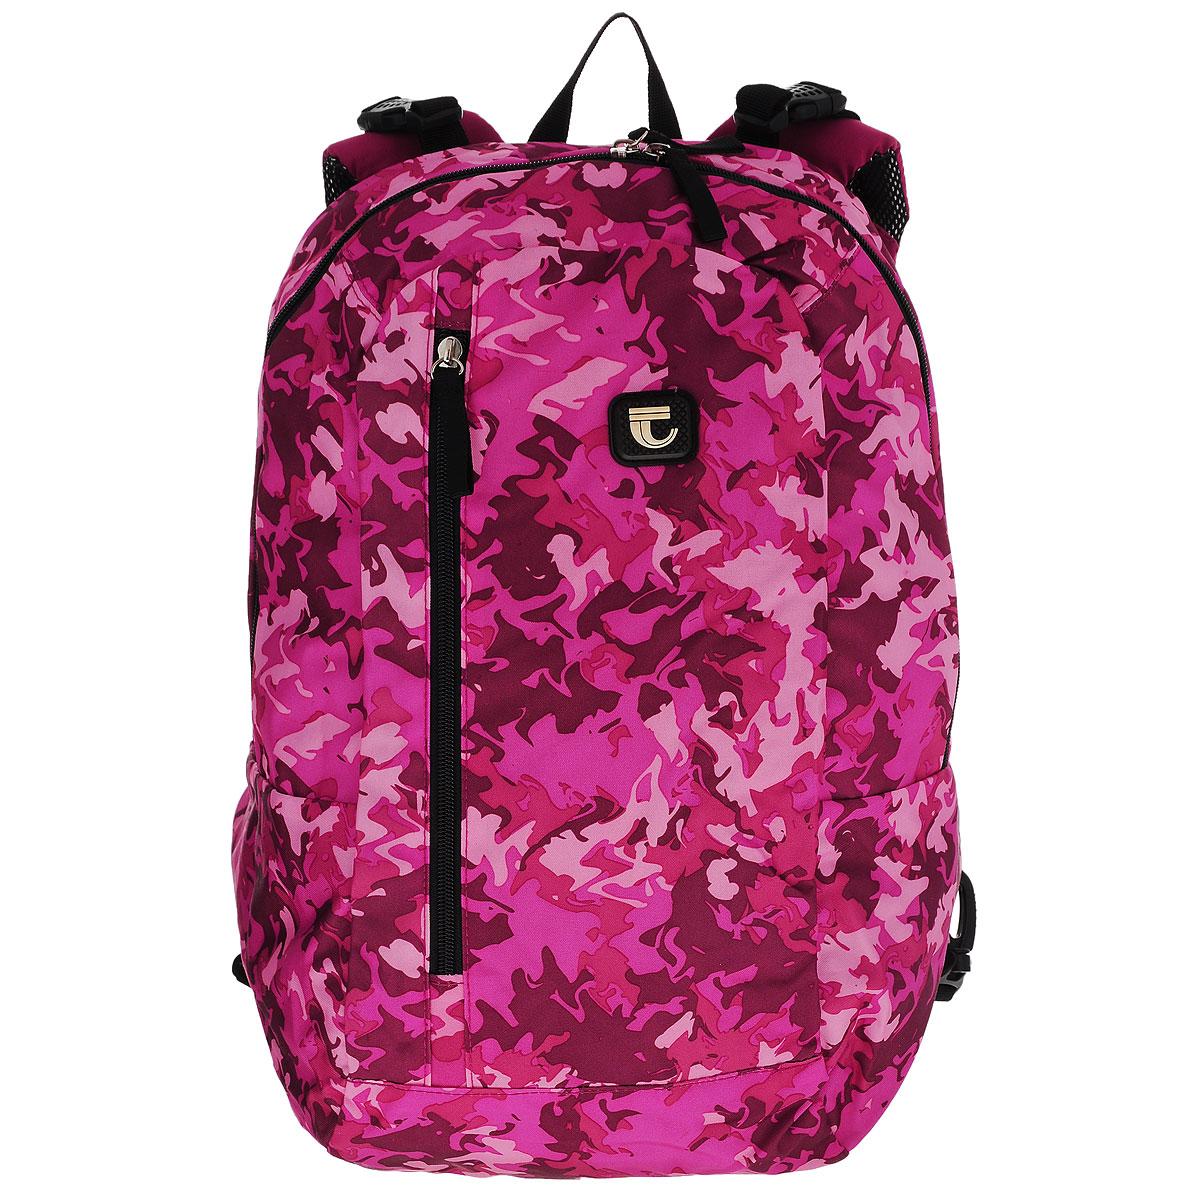 Рюкзак двусторонний Tiger, цвет: розовый, бордовый81010/TG_розовыйРюкзак Tiger изготовлен из качественного полиэстера, характеризующегося повышенной износостойкостью. Отстегивающаяся задняя дополнительная панель с регулируемыми лямками, позволяет менять расцветку рюкзака с камуфляжной на однотонную. Рюкзак имеет одно основное отделение, закрывающееся на молнию, в котором имеется врезной карман на застежке-молнии. На лицевой панели также имеется один карман на молнии. При изменении рюкзака, он будет иметь одно основное отделение на молнии и дополнительный карман на вертикальной молнии. Изделие дополнено съемными регулируемыми сверху и снизу лямки с сетчатой набивкой. Многофункциональный школьный ранец станет незаменимым спутником вашего ребенка.